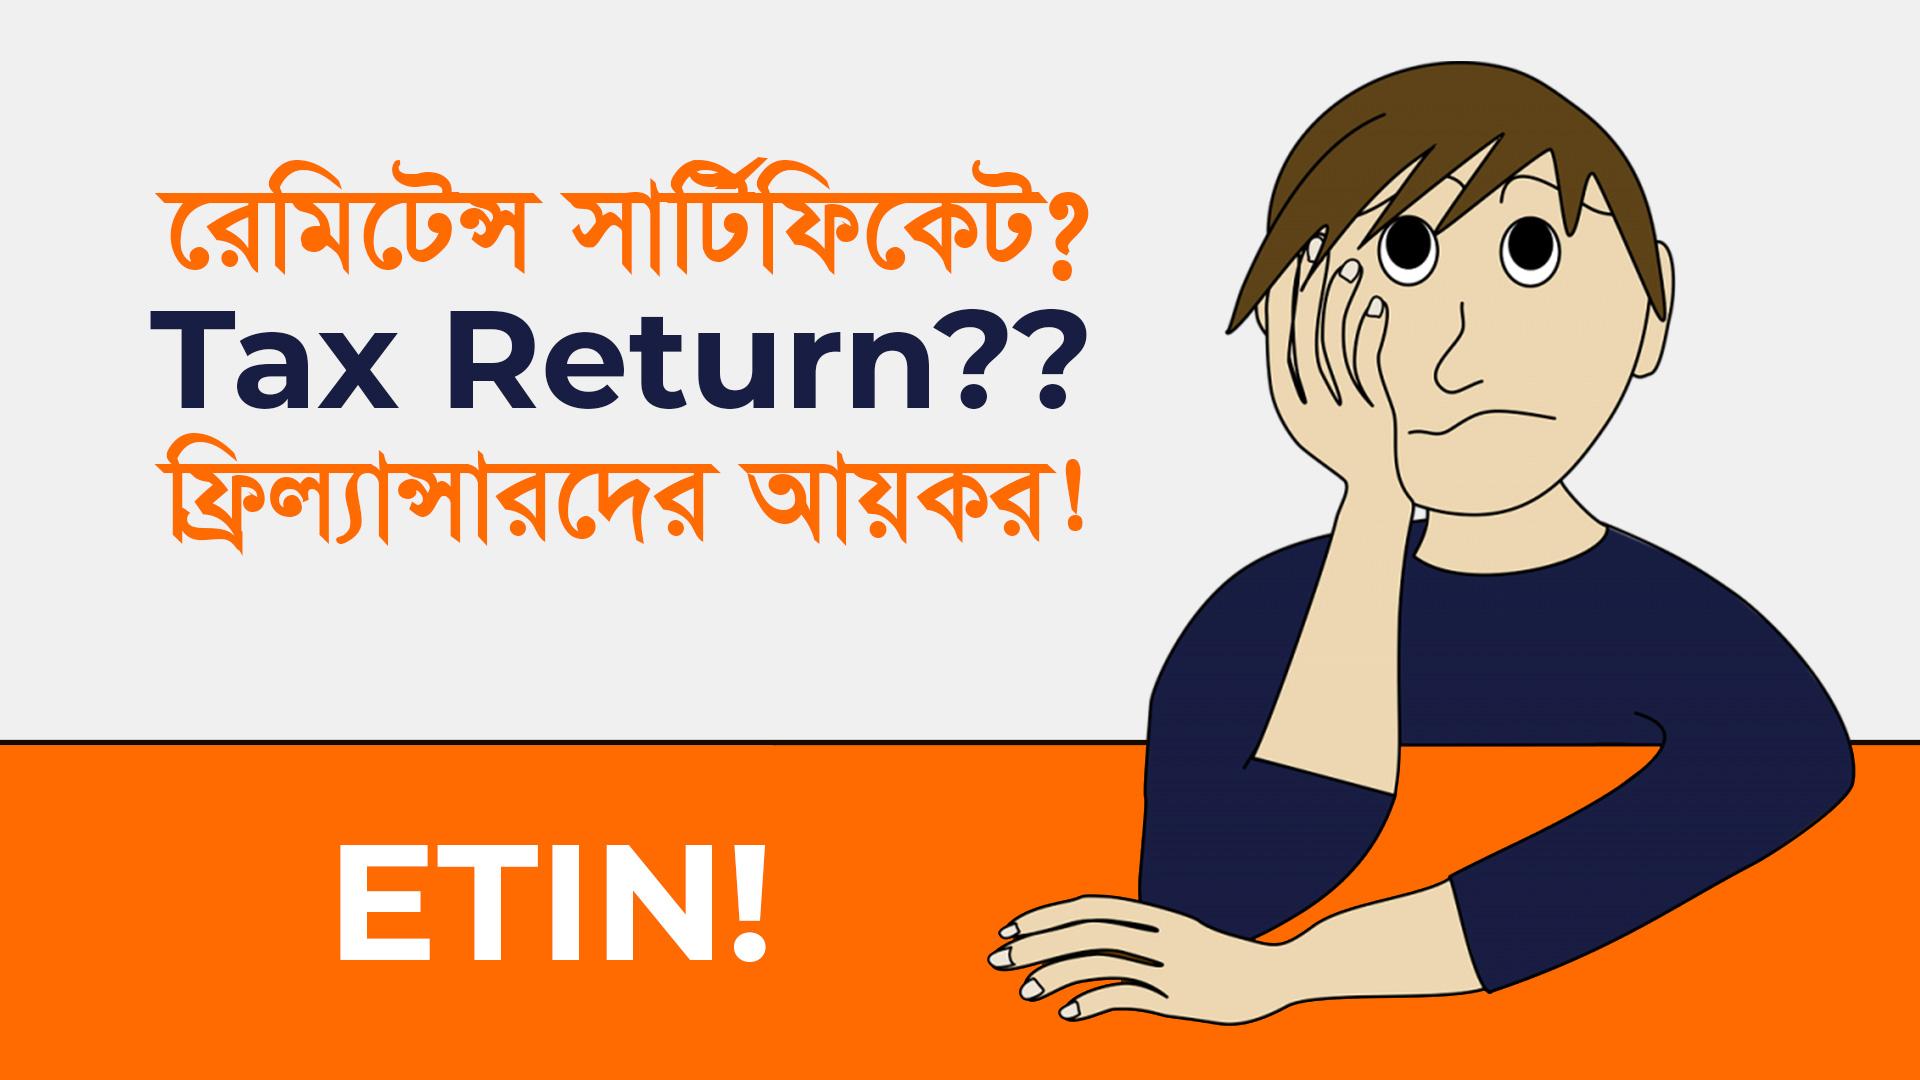 ইটিন (ETIN) সার্টিফিকেট, রেমিটেন্স সার্টিফিকেট, ফ্রিল্যান্সারদের উপার্জিত আয়ের আয়কর (Tax) এবং আয়কর বিবরণী ( Tax Return)